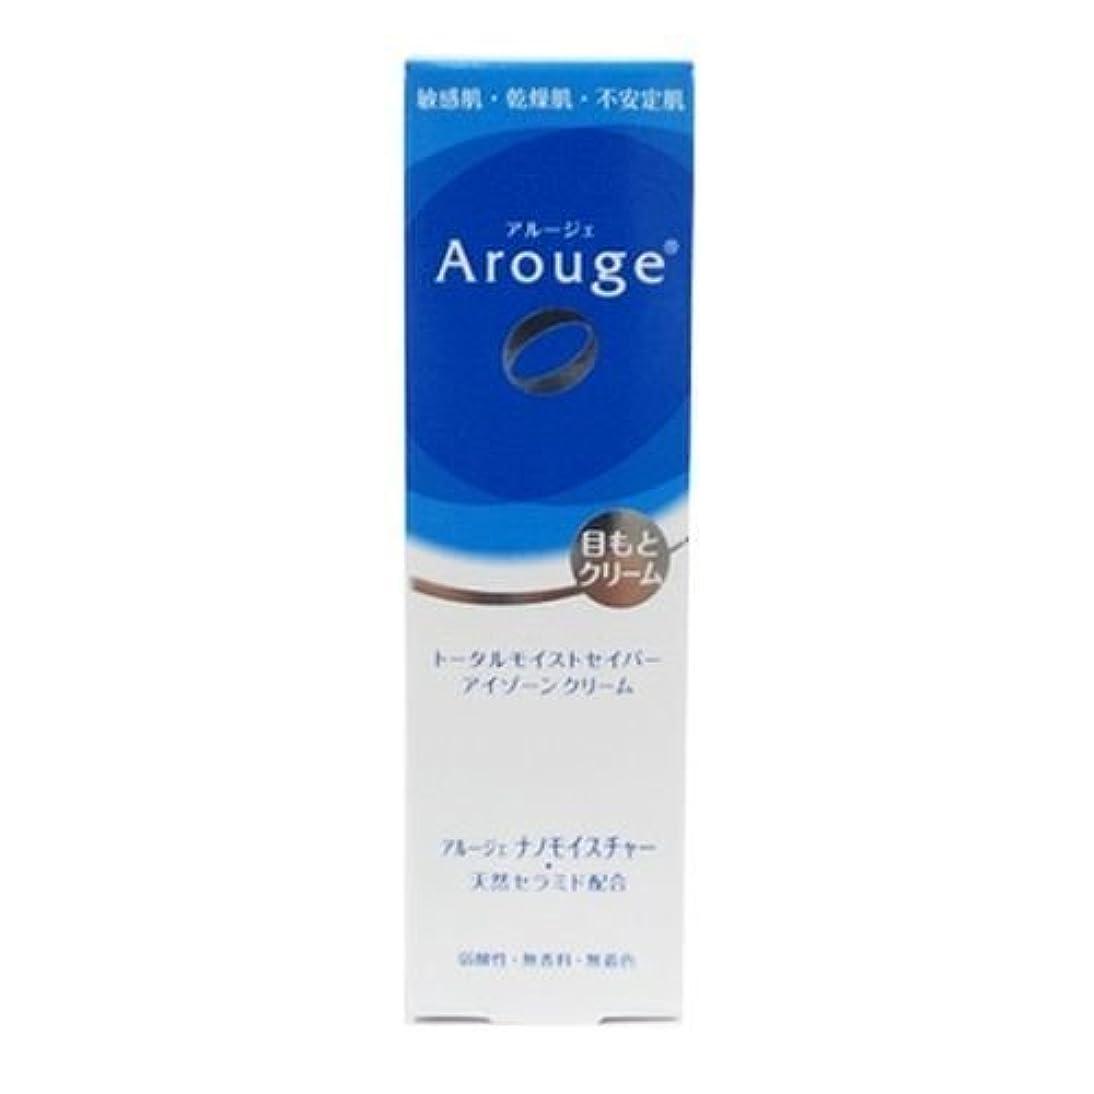 ミルクロビー学士アルージェ(Arouge)トータルモイストセイバー アイゾーンクリーム 15g